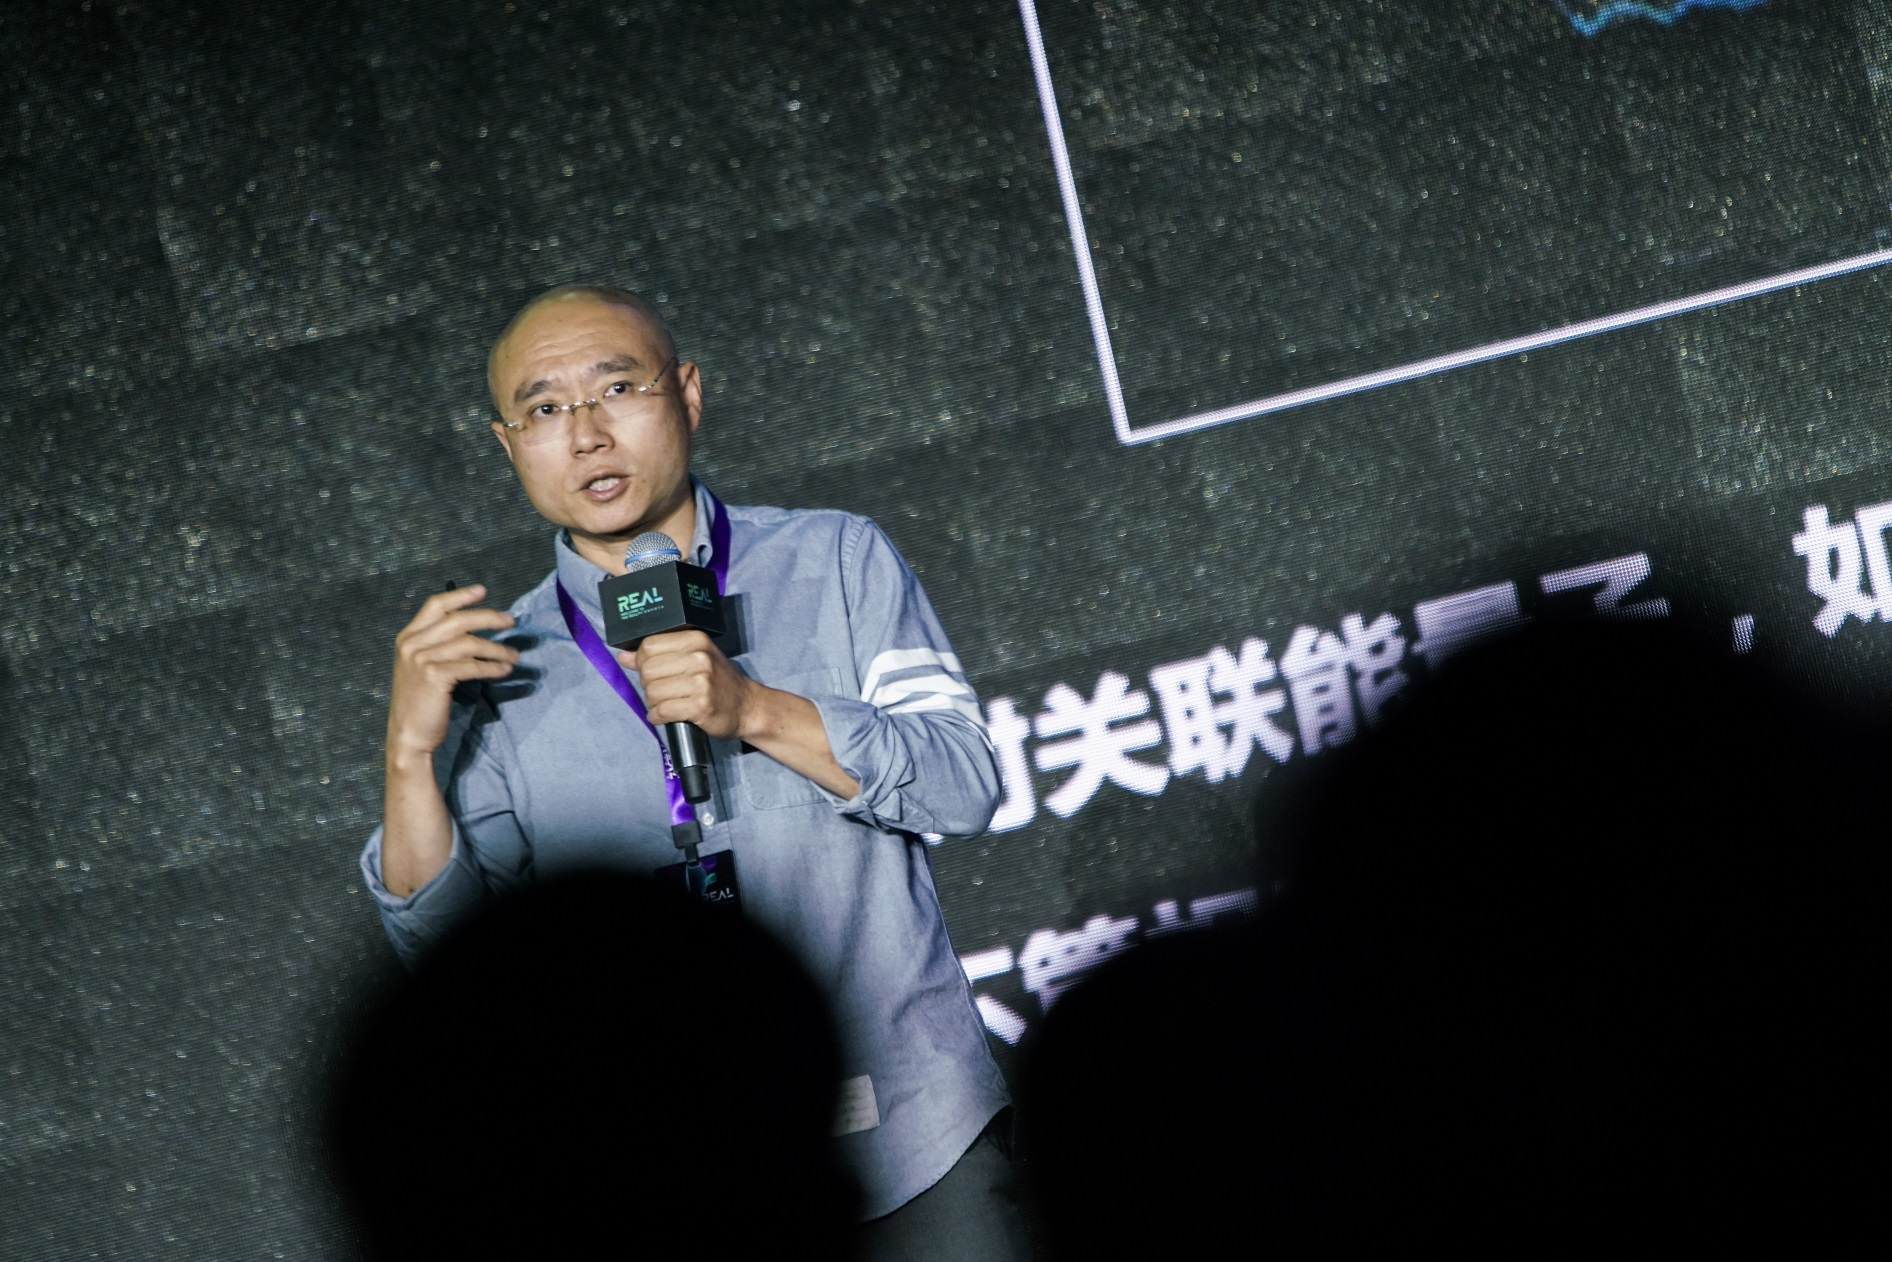 凤凰城平台华映资本章高男:量子计算不是噱头,发展速度已超摩尔定律|REAL大会